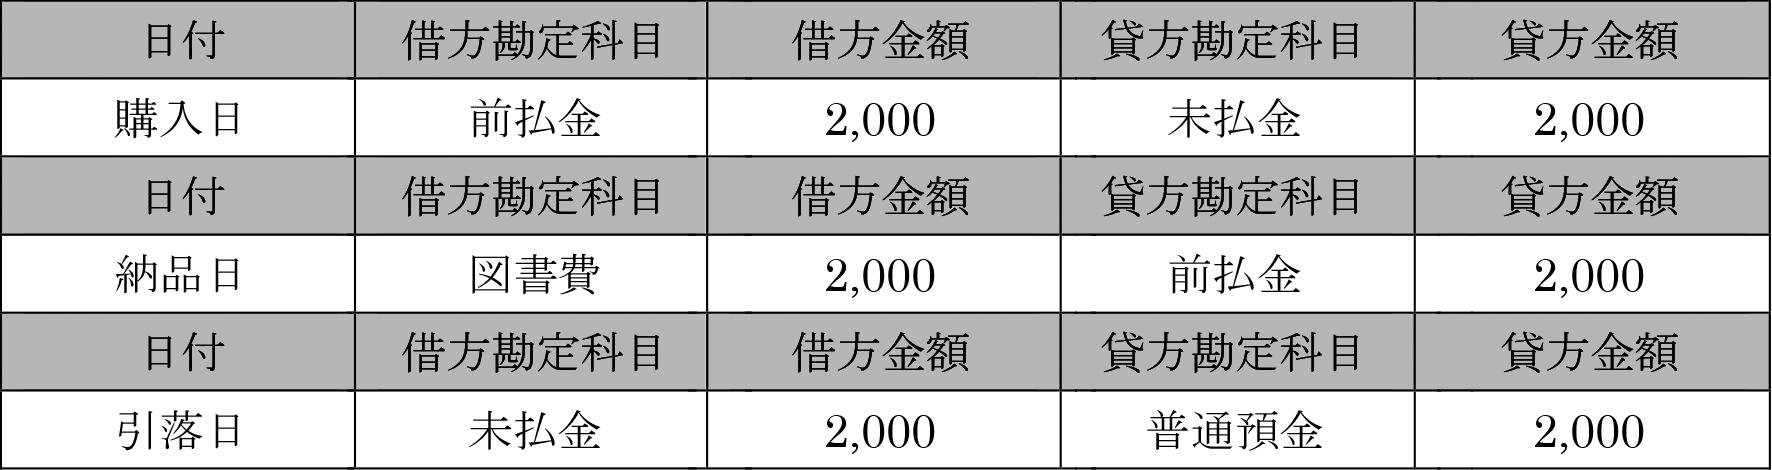 法人クレジットカードを使って2,000円の本を「商品」として買った場合の仕訳